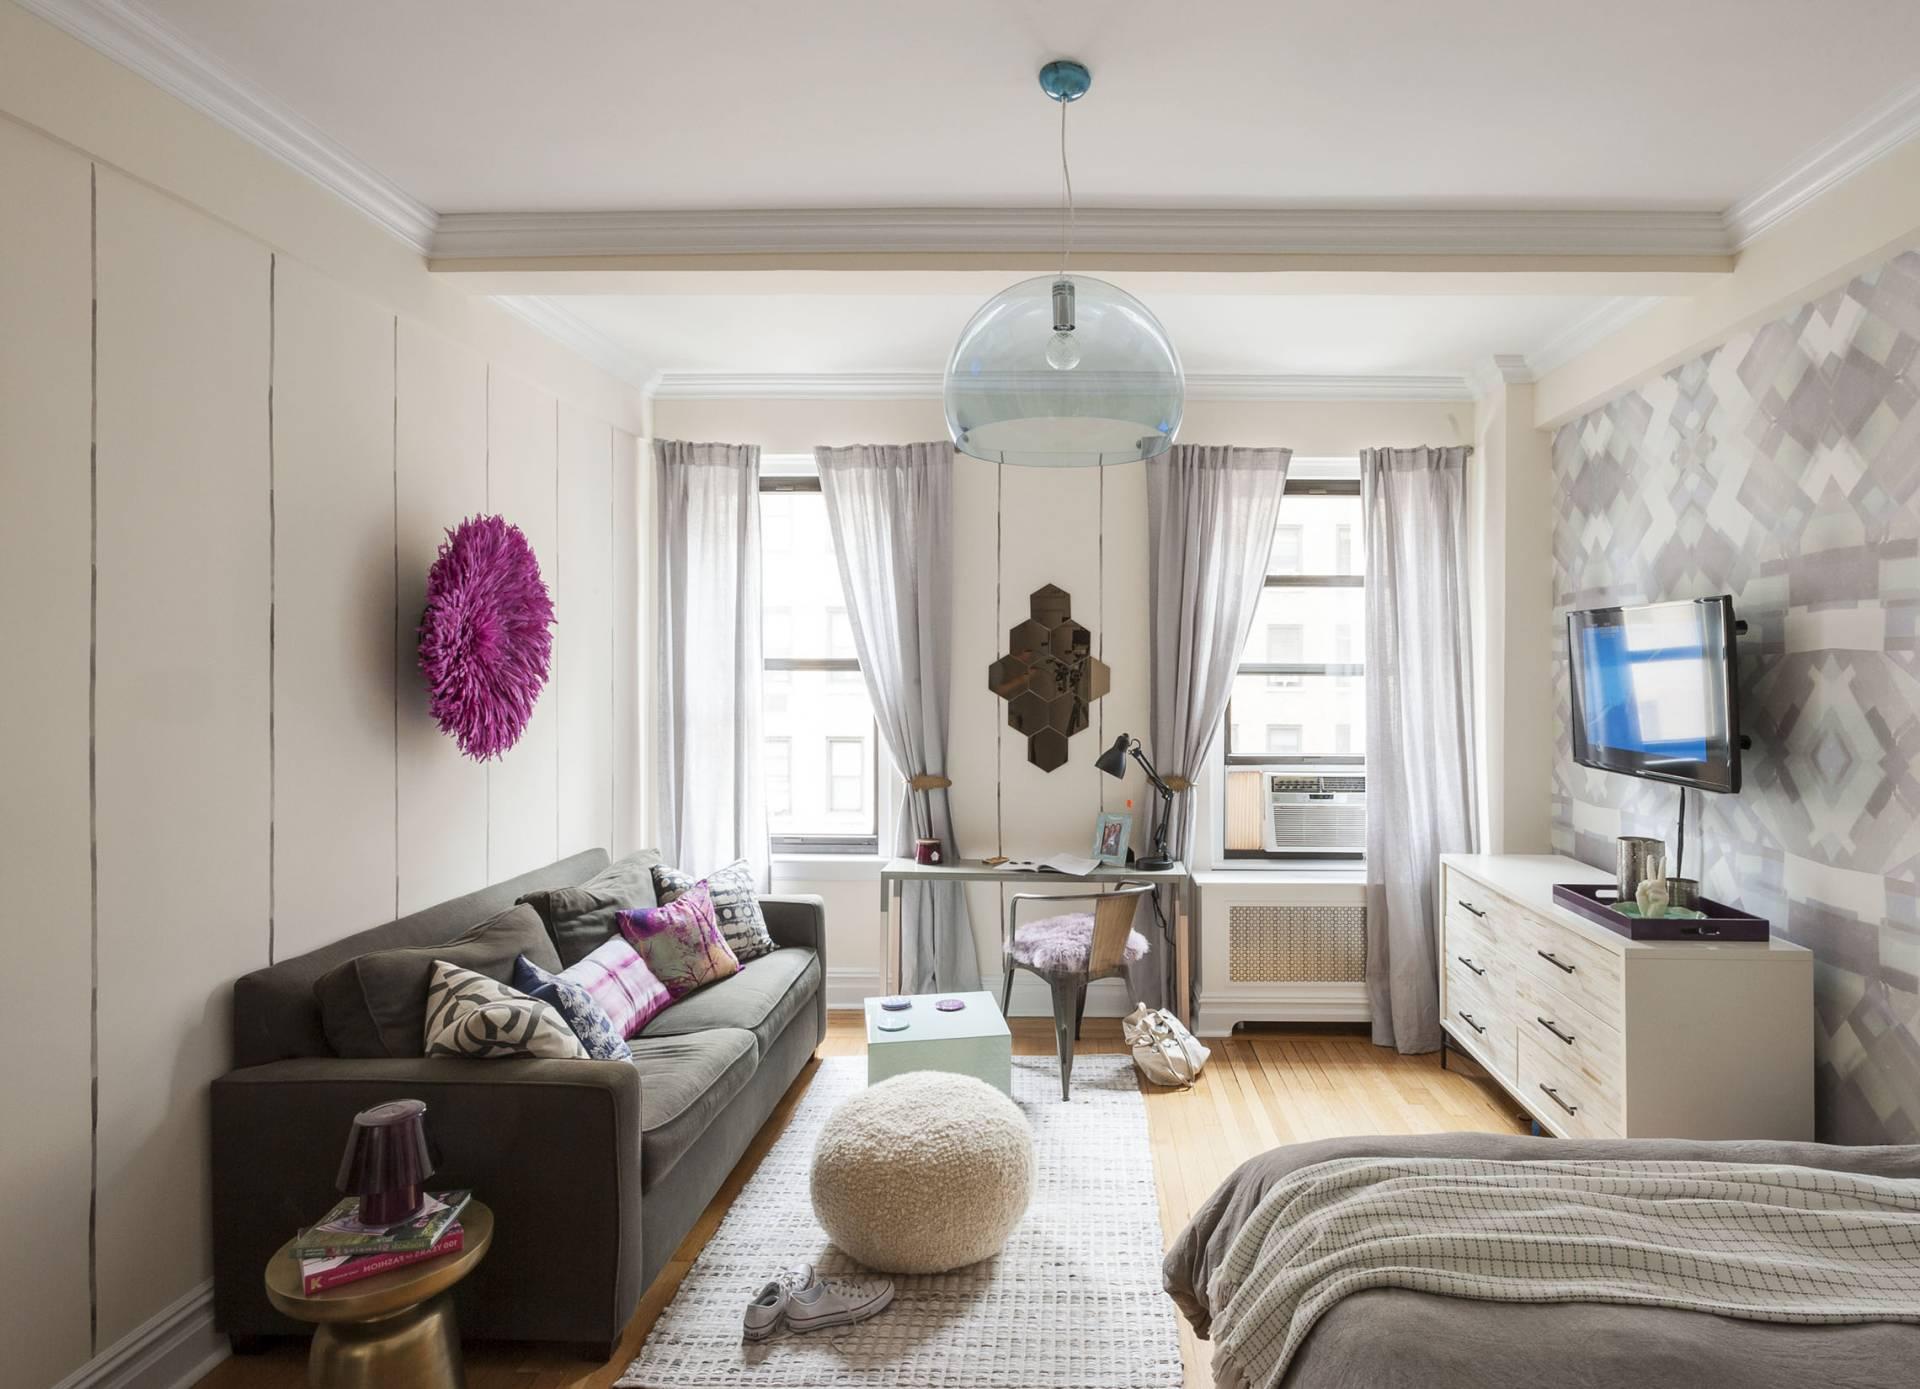 Обои для маленькой комнаты (69 фото): как выбрать настенные покрытия, зрительно увеличивающие пространство, какие изделия подойдут в небольшой зал, идеи-2021 оформления